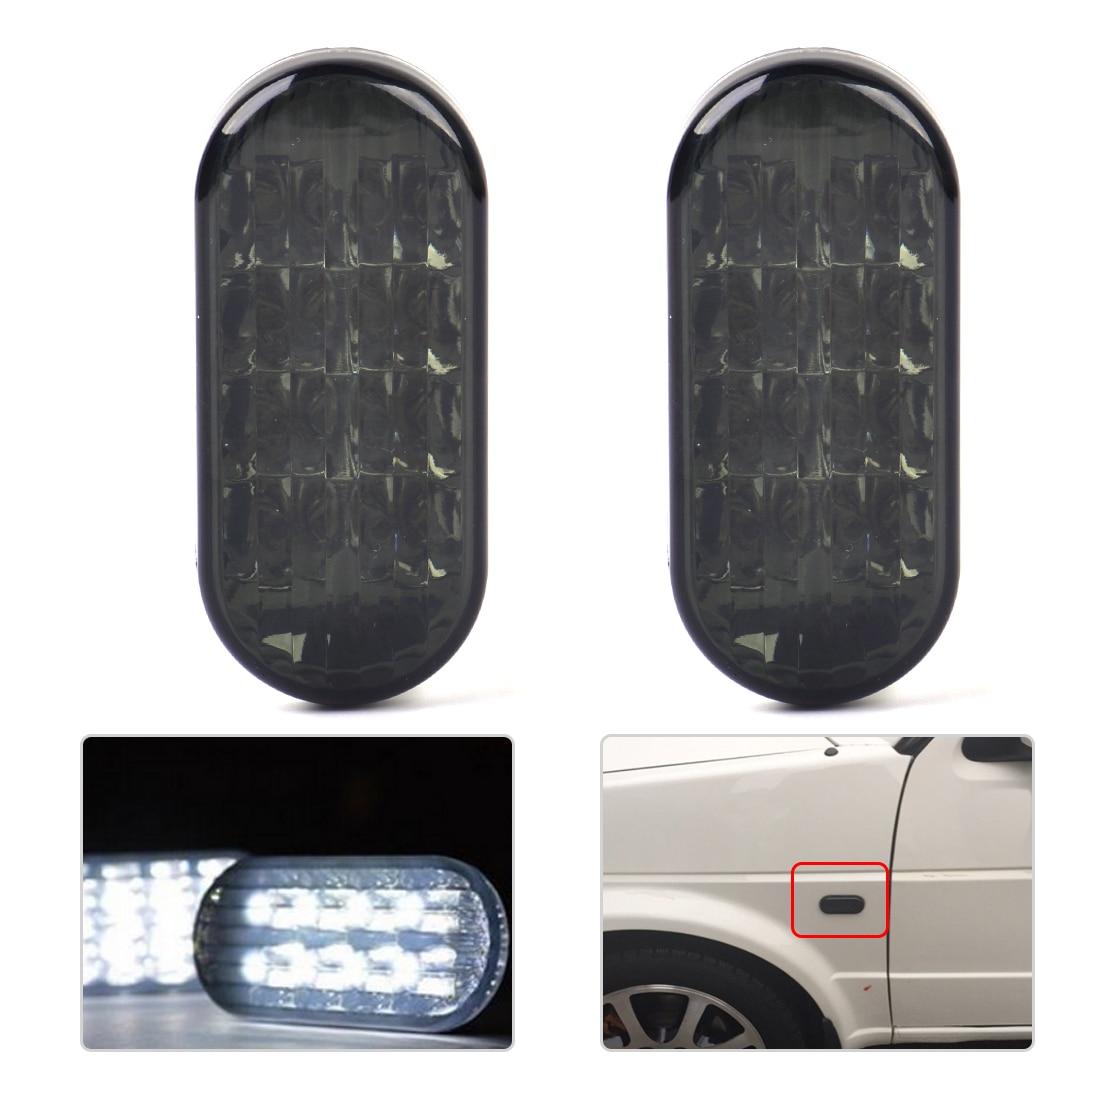 CITALL 2PCS White / Yellow Light Side LED Marker Light Lamp Indicator For VW Golf Jetta Bora MK4 Passat B5 B5.5 1999 - 2003 2004 golf cap clip golf ball marker set